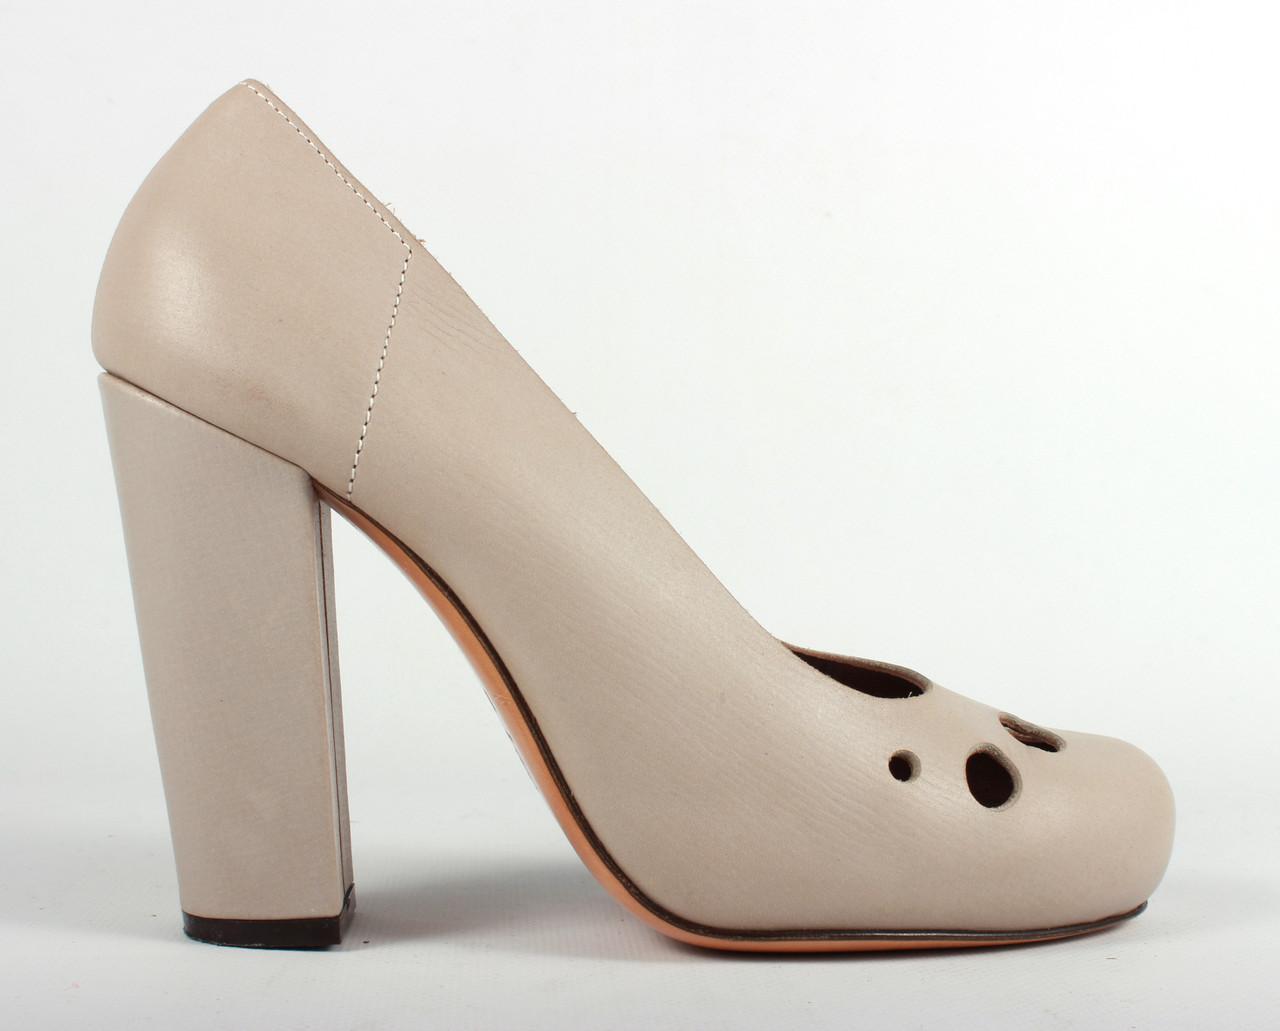 Купить туфли Marni в комиссионном магазине Киев Refresh Store ... a55fb97aa79